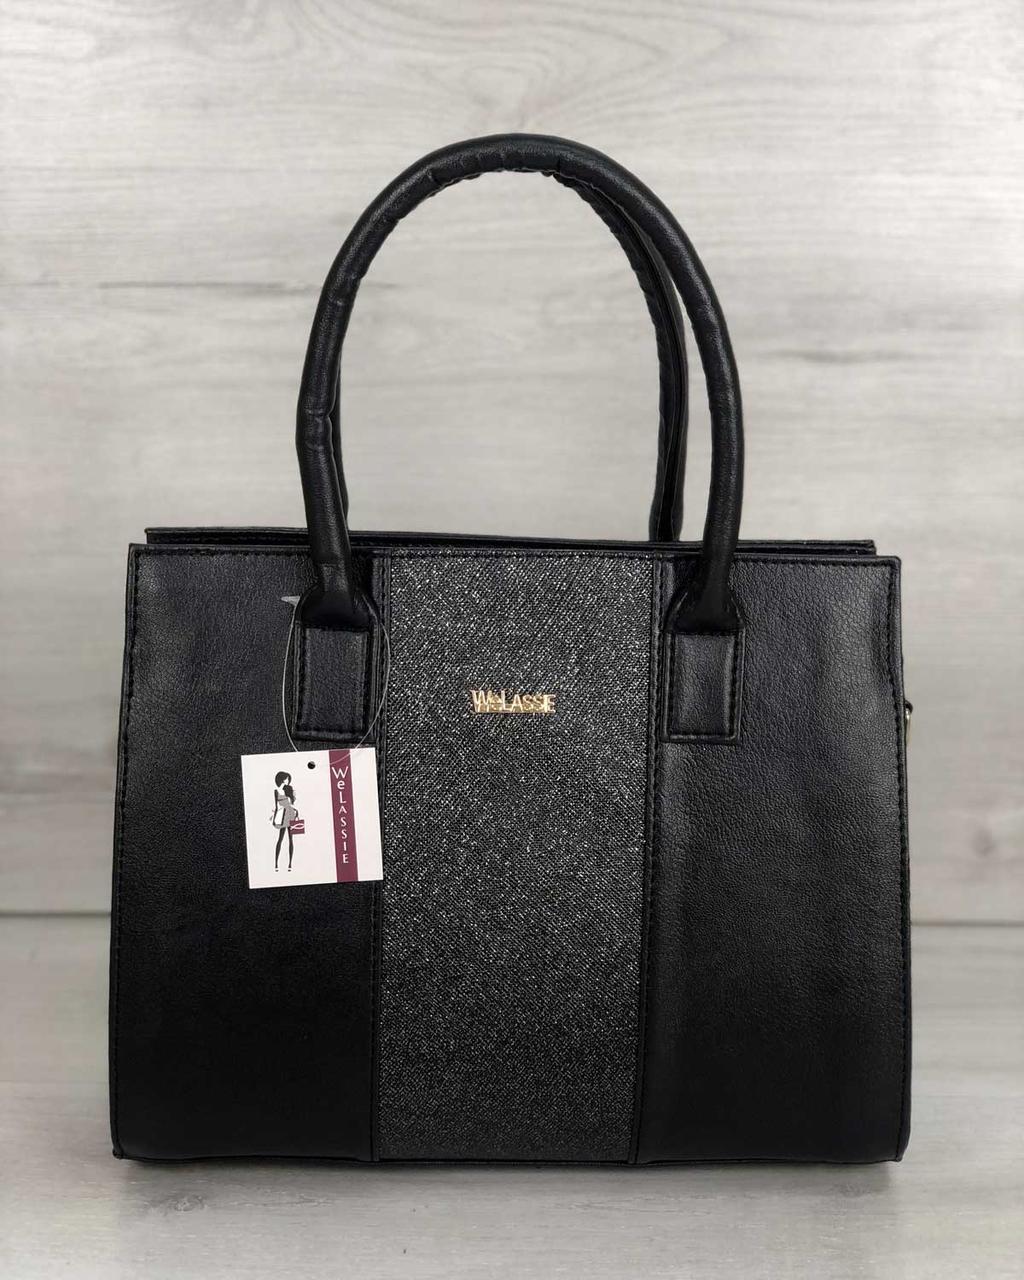 9791e1feaa88 Каркасная женская сумка Селин черного цвета со вставкой блеск ...